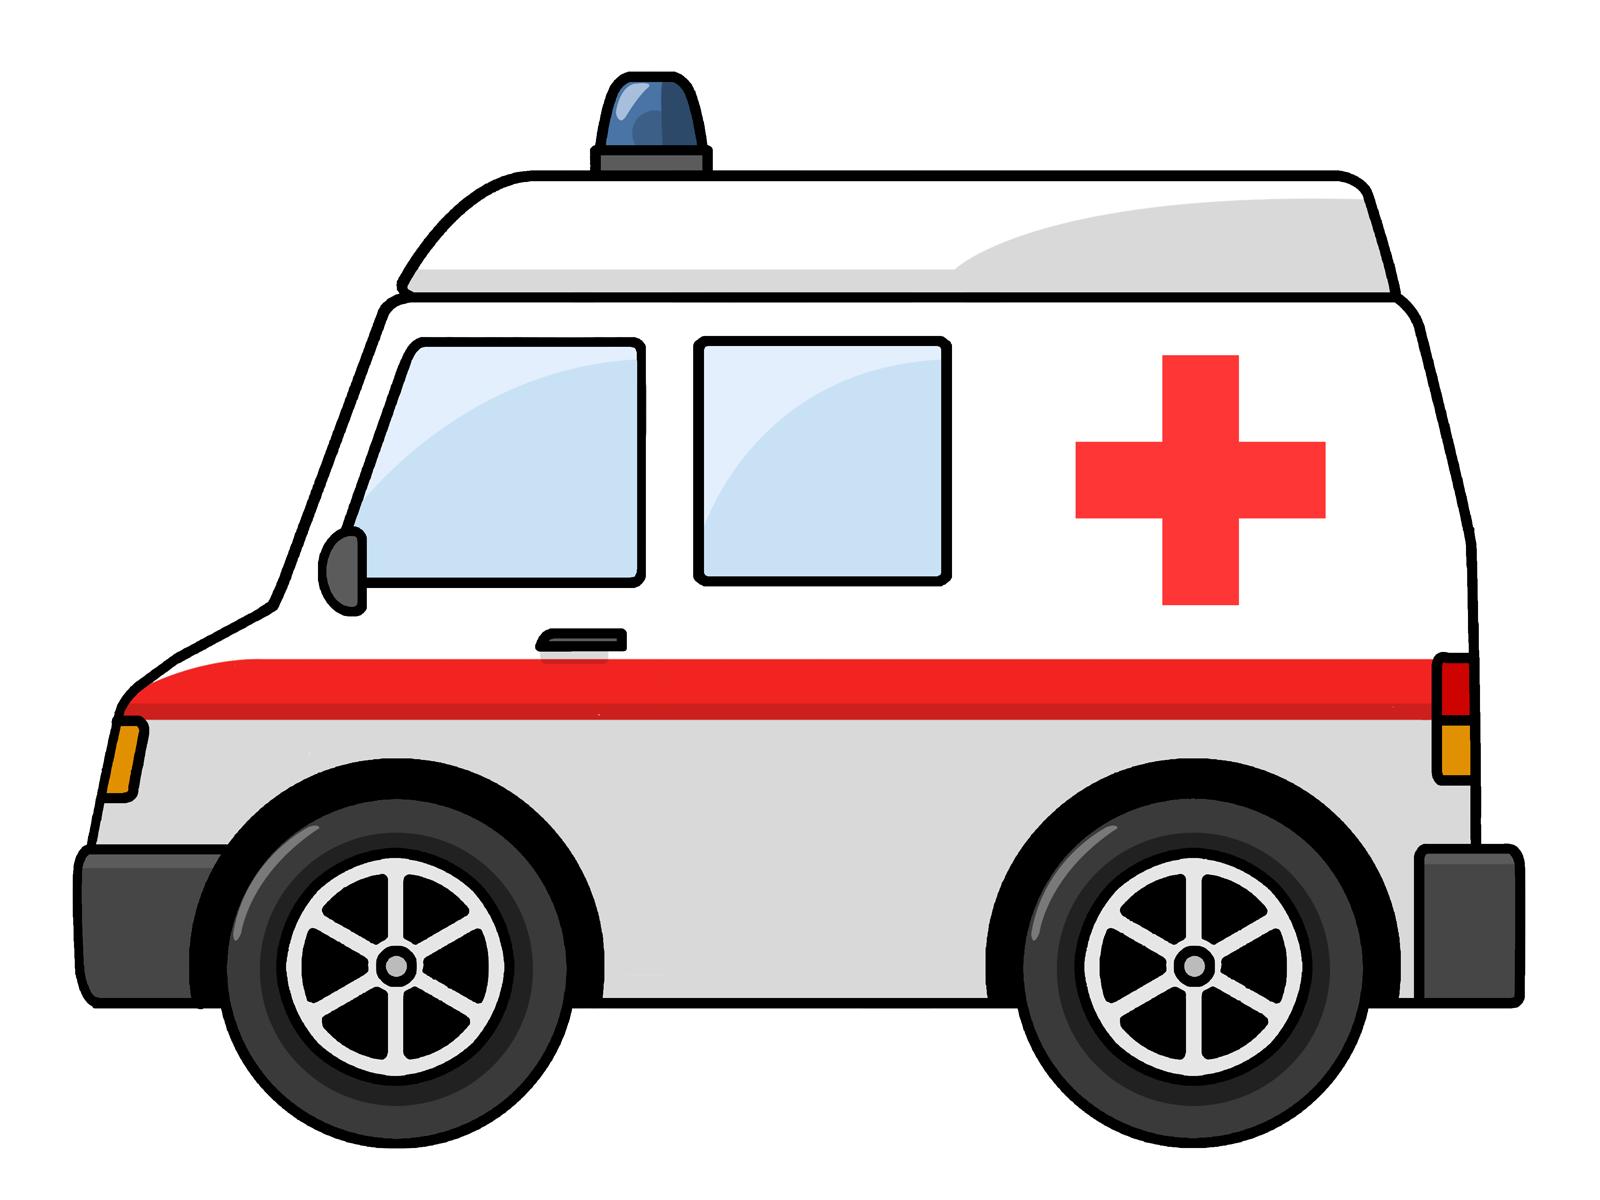 Clipart images ambulance. Transparent png file web